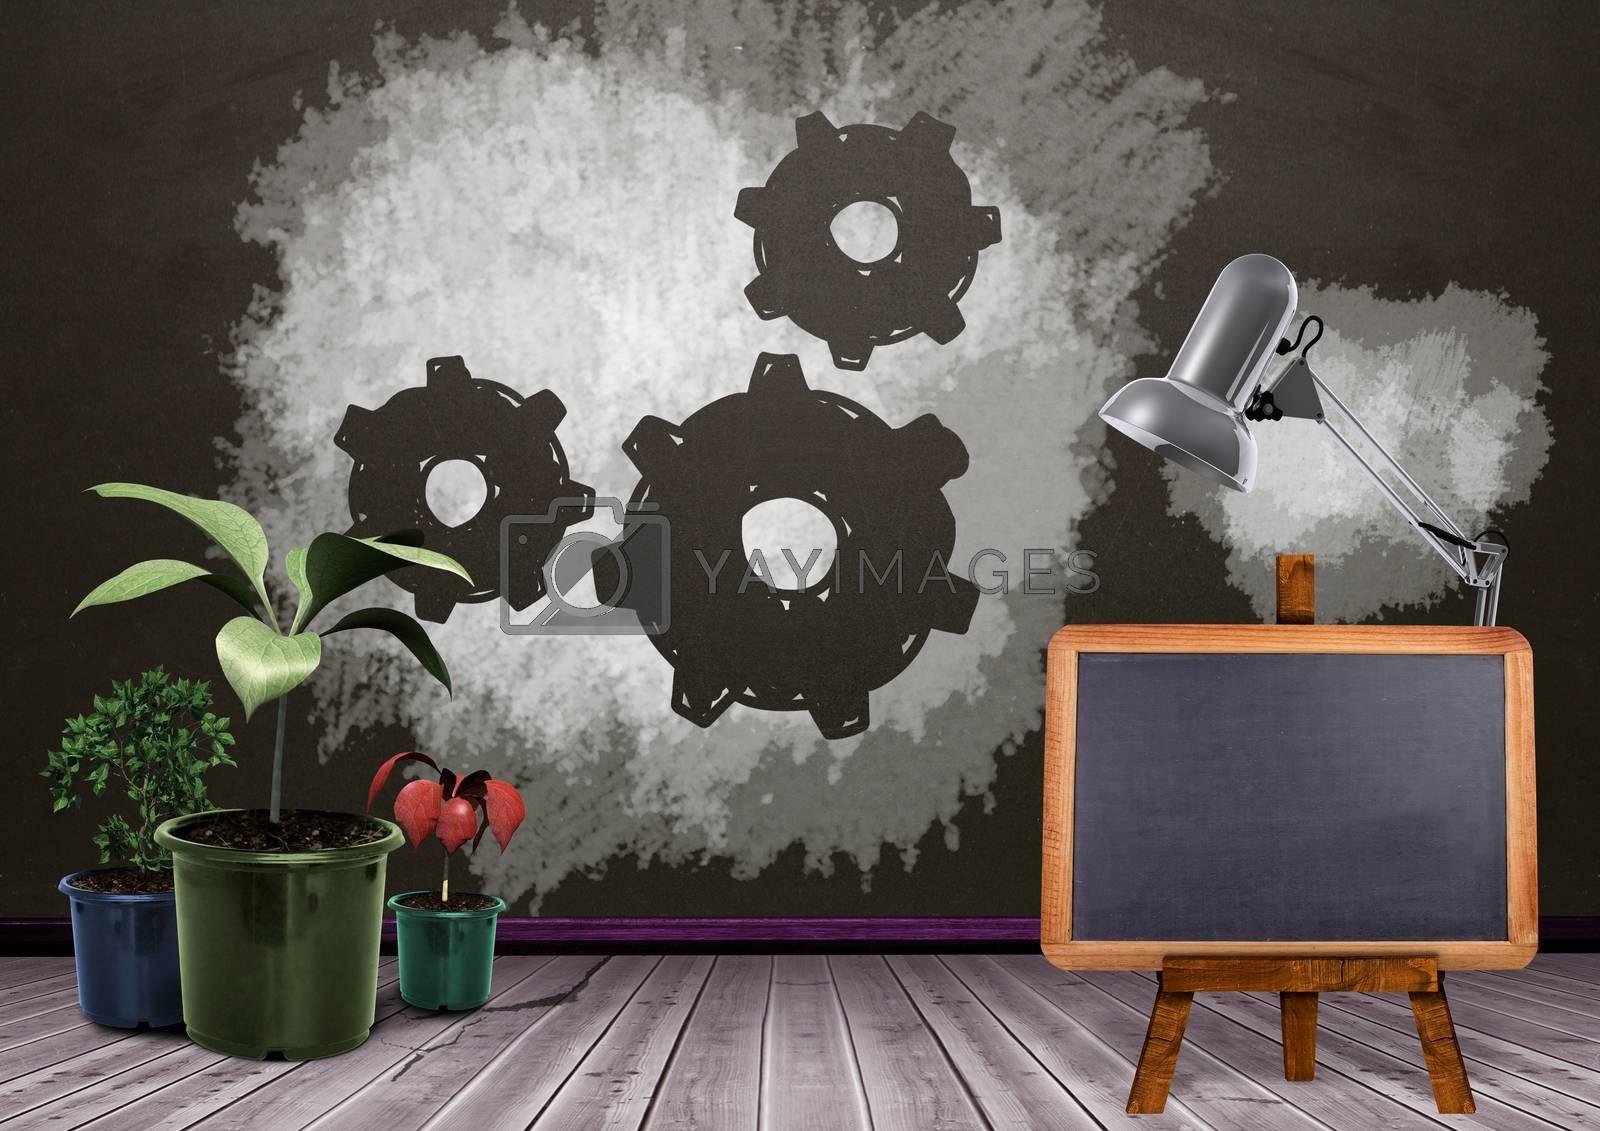 Blackboard and plants with setting cog gears on blackboard by Wavebreakmedia